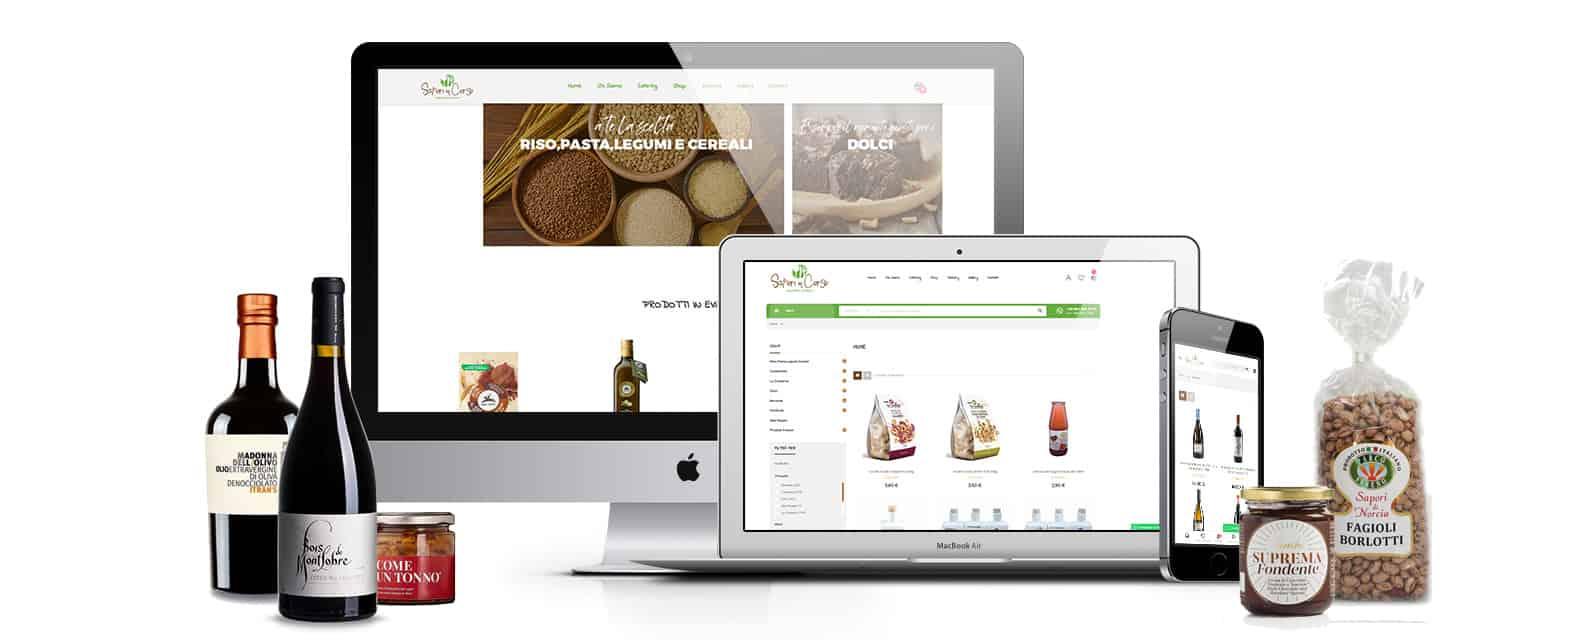 saporiincorso realizzazione sito ecommerce vendita prodotti alimentari tipici - E-commerce vendita prodotti alimentari tipici | Sapori in Corso - Web Agency Napoli Flashex